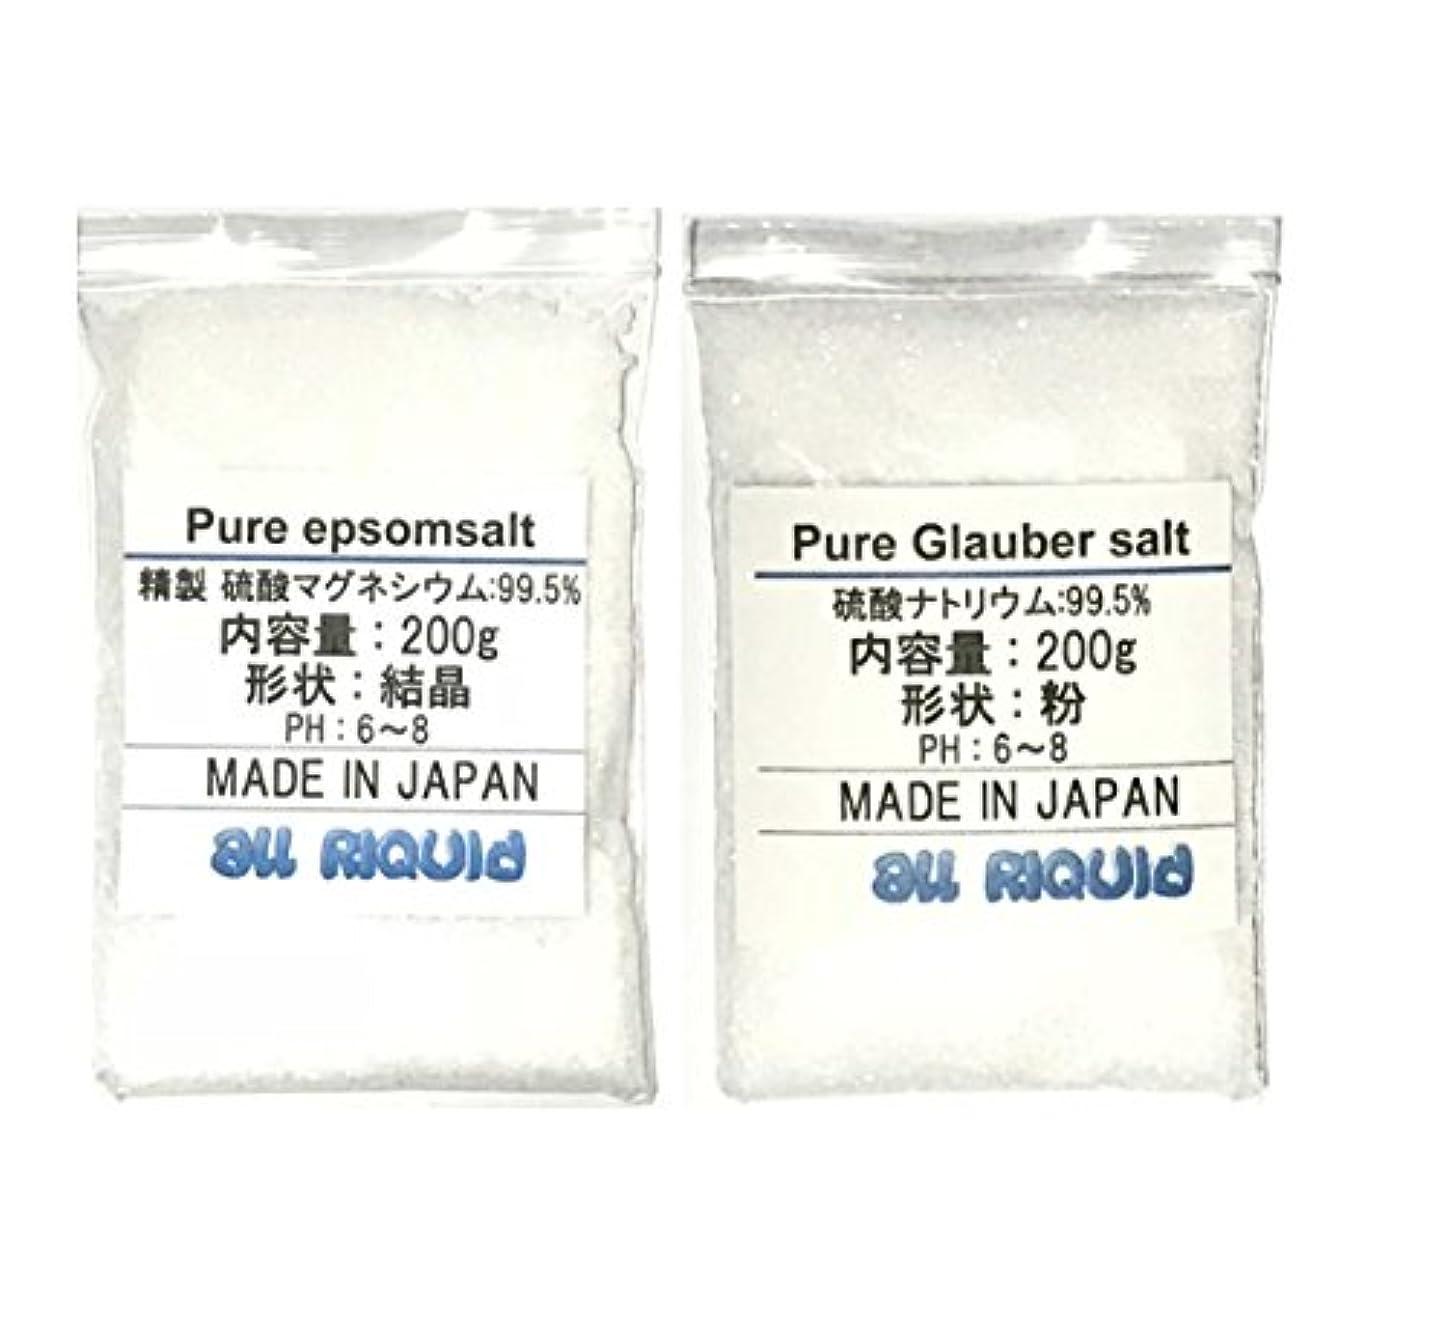 かけがえのないシンプルさ乳純 エプソムソルト グラウバーソルト 200g 1セット (硫酸マグネシウム?硫酸ナトリウム) 国産品 オールリキッド 芒硝